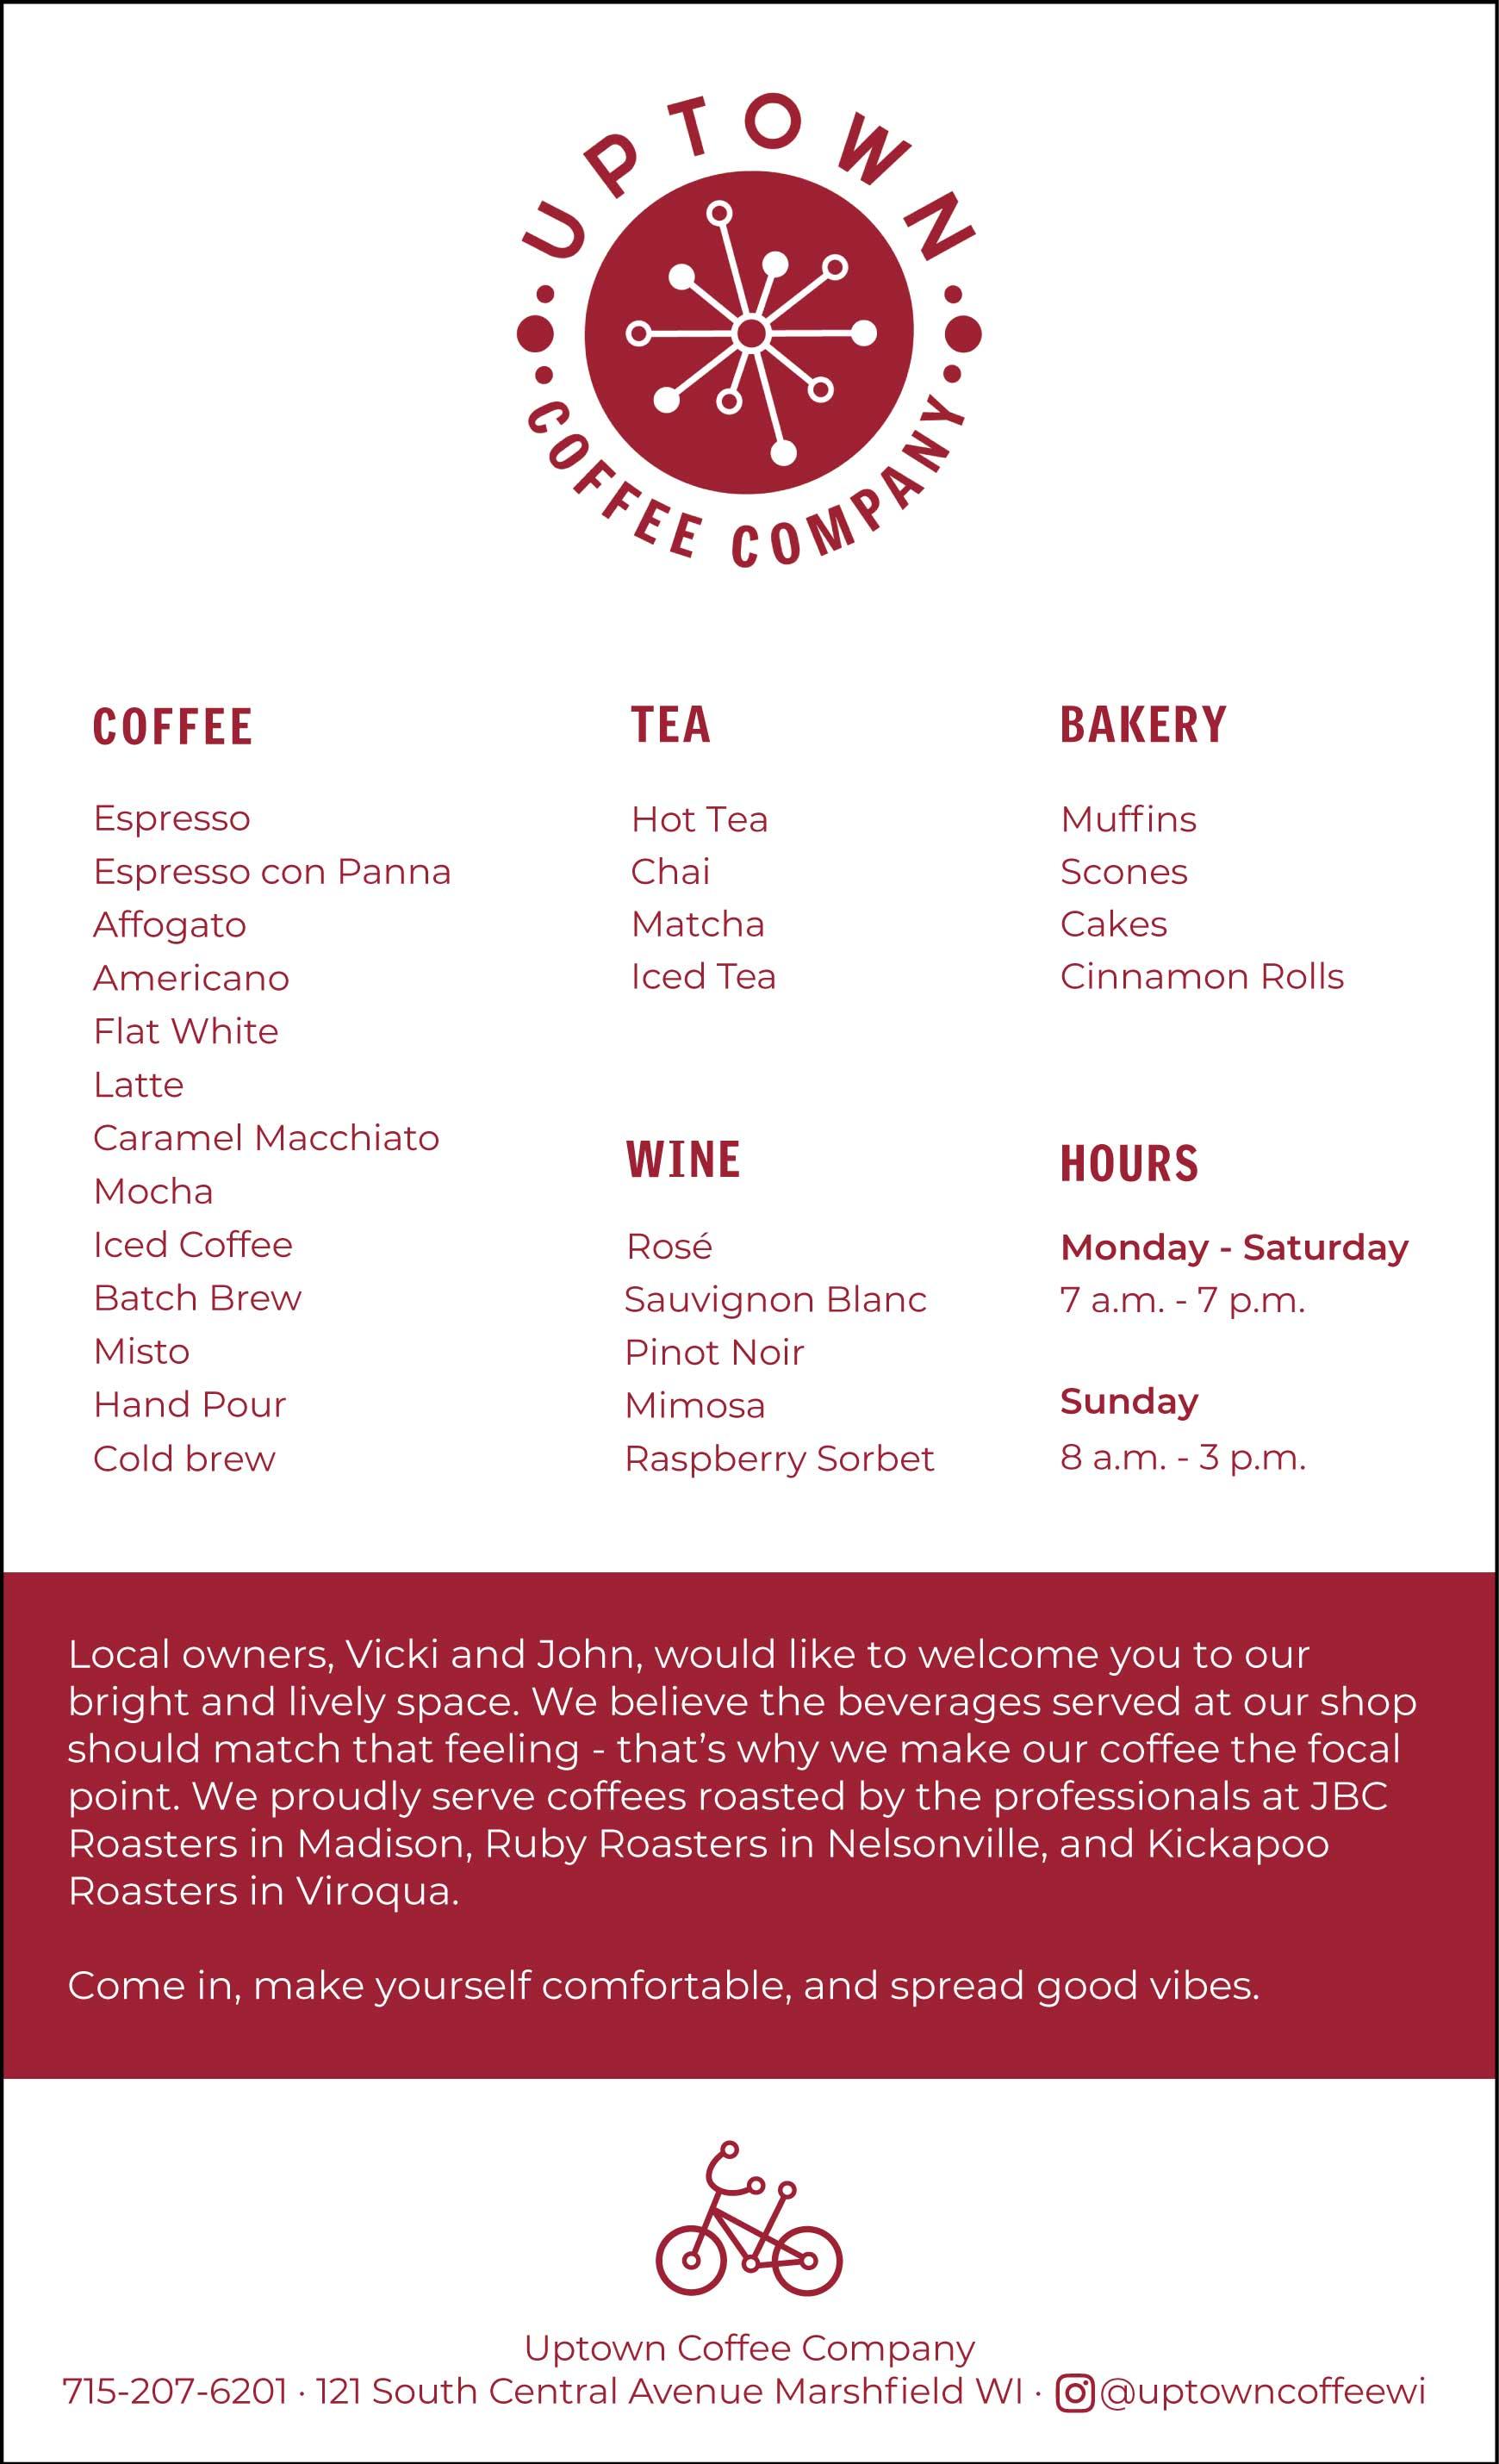 Uptown Coffee Company